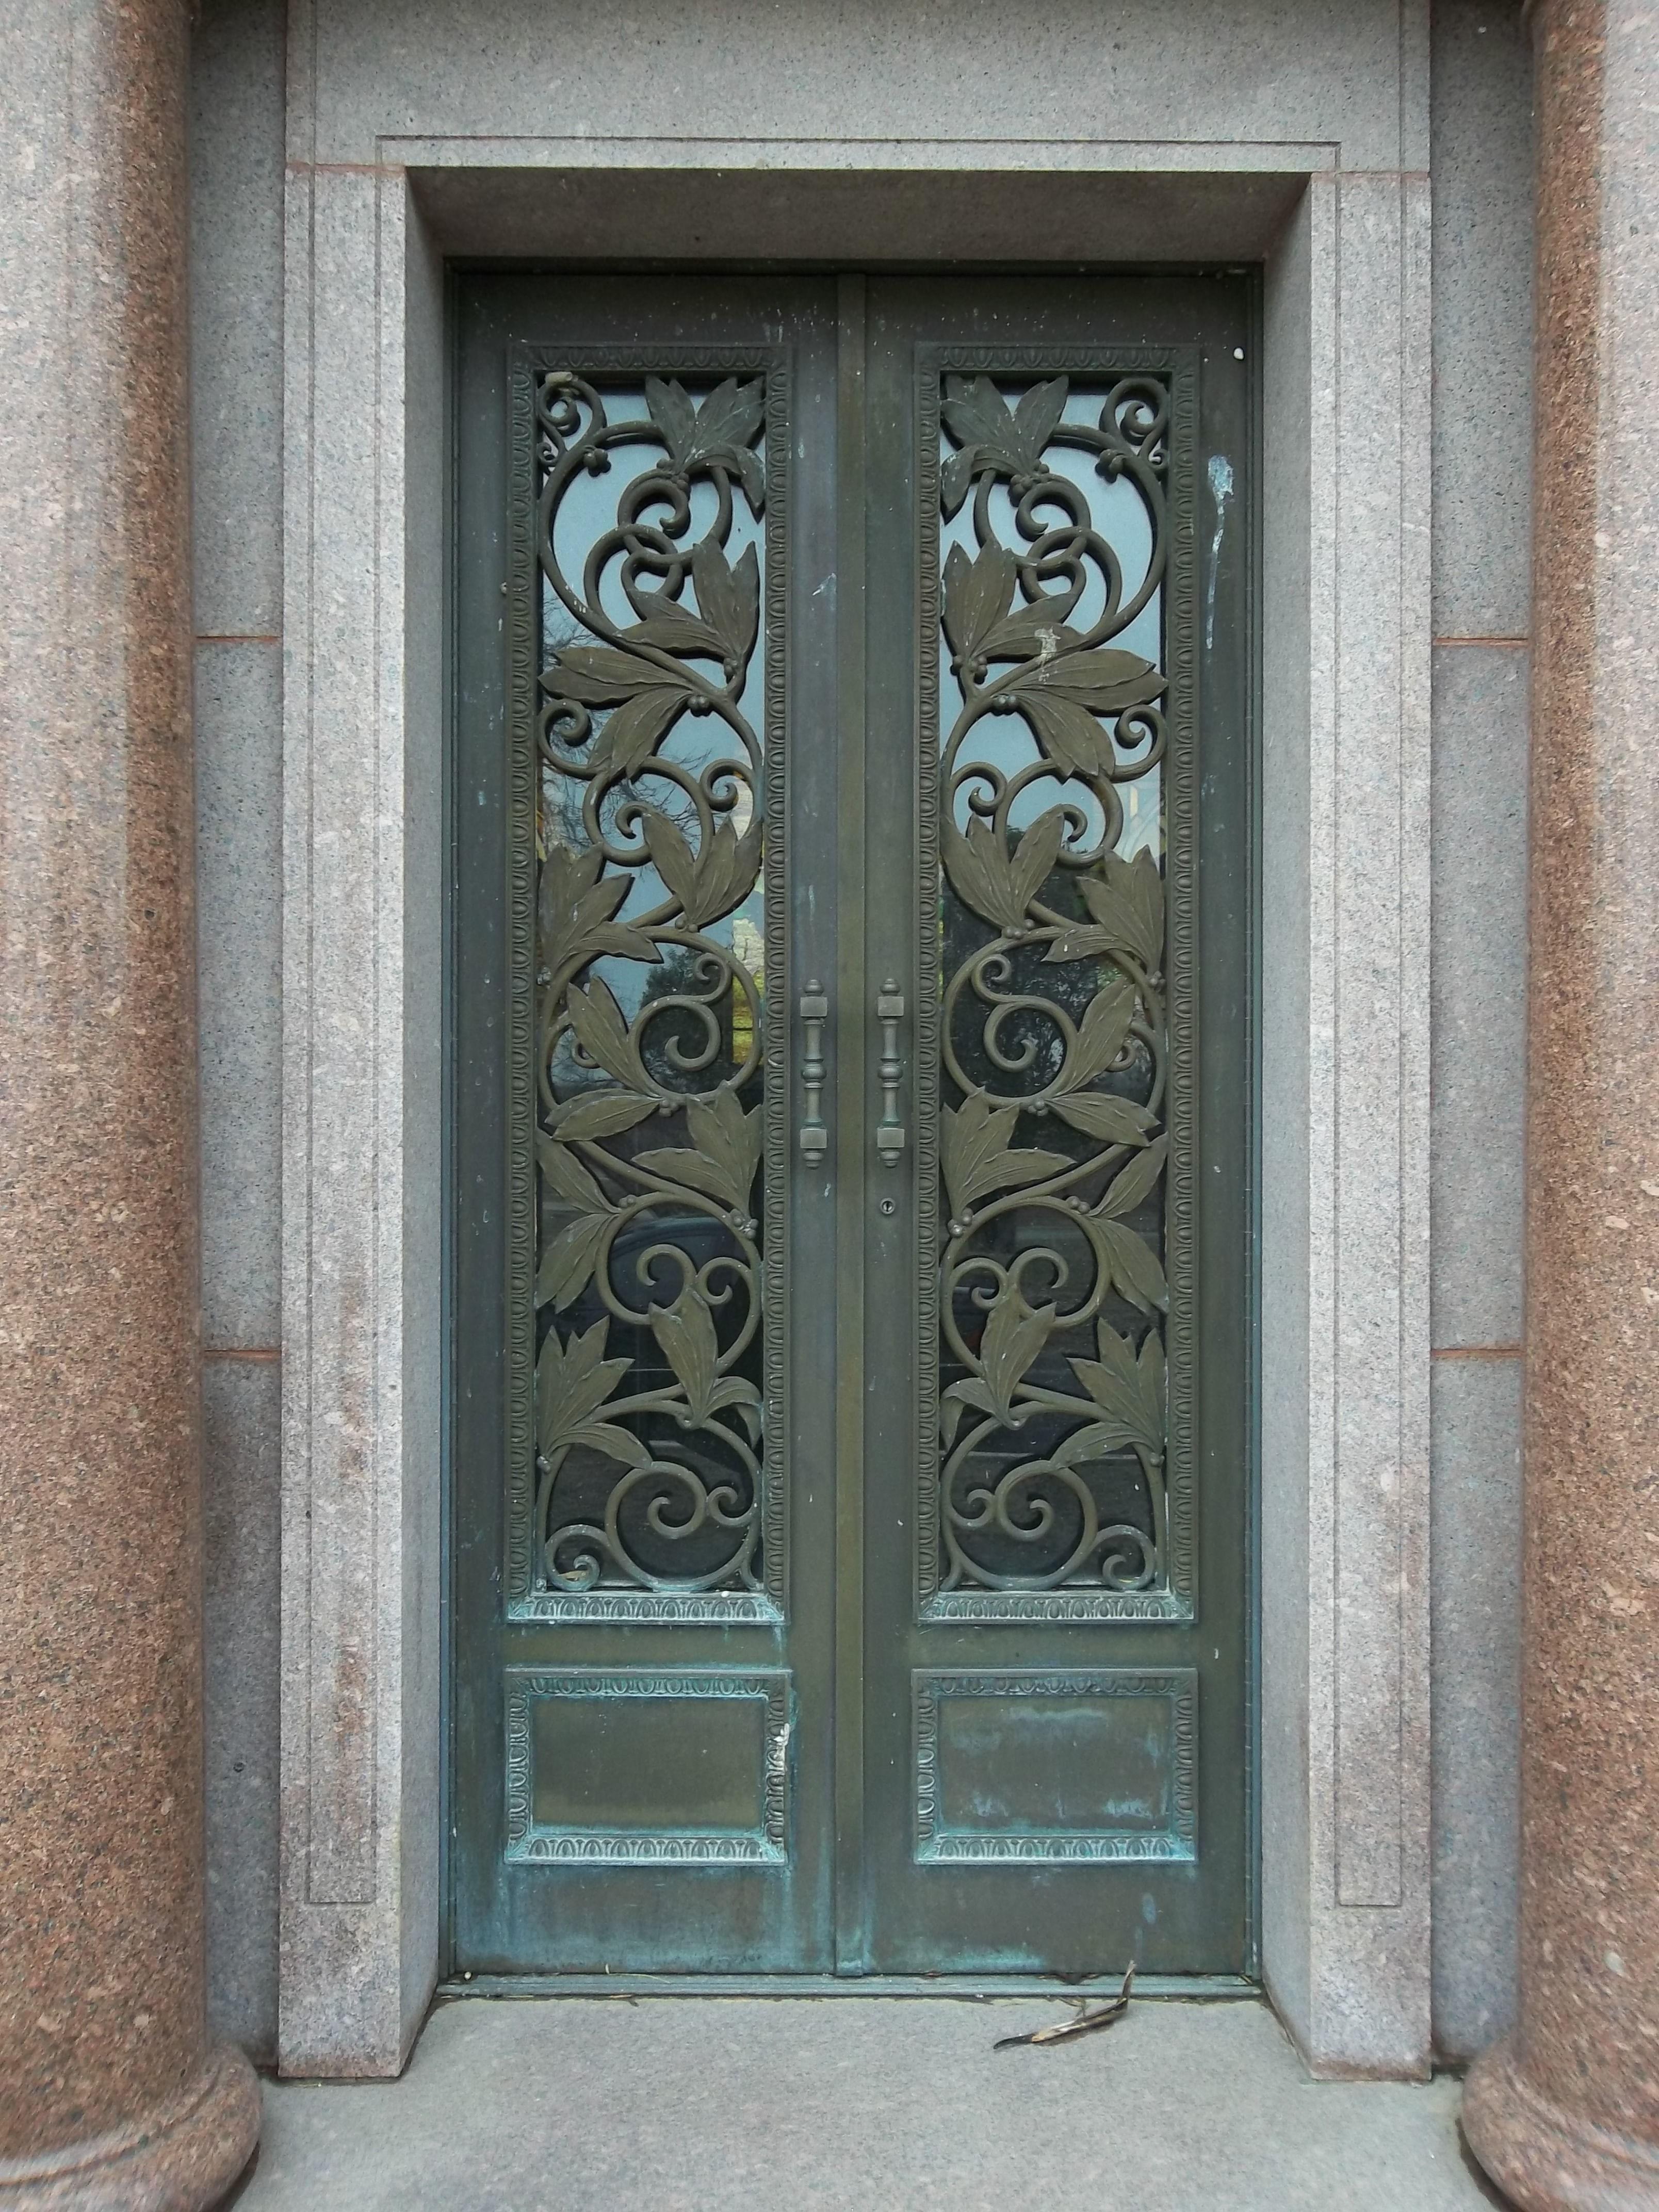 Mausoleum doors - Art Nouveau grillwork Mission Park Cemetery San Antonio TX & Mausoleum doors - Art Nouveau grillwork Mission Park Cemetery San ... Pezcame.Com